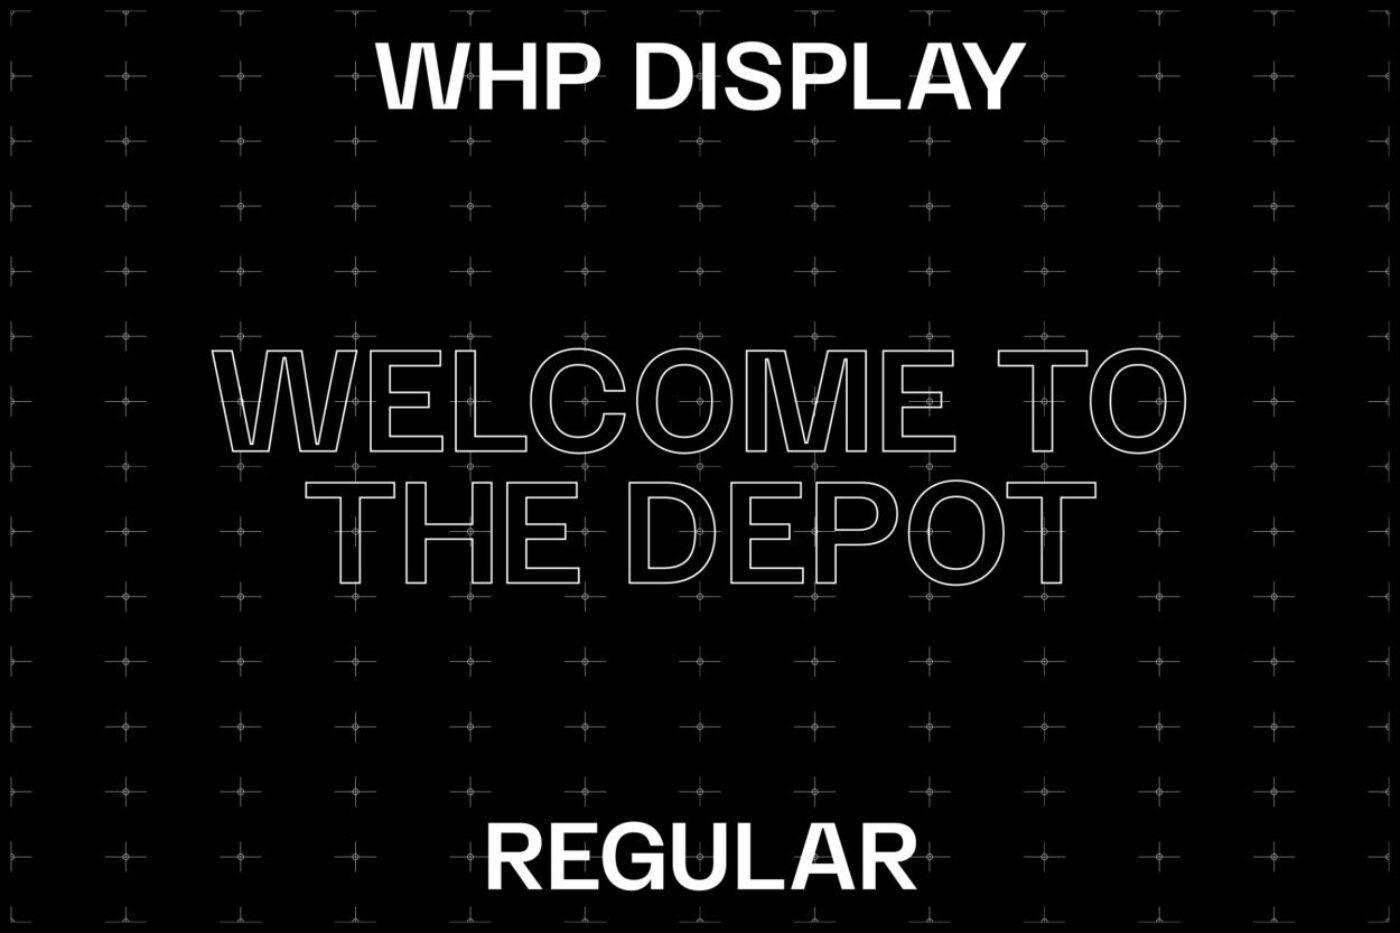 WHP TYPE 02 1250x833